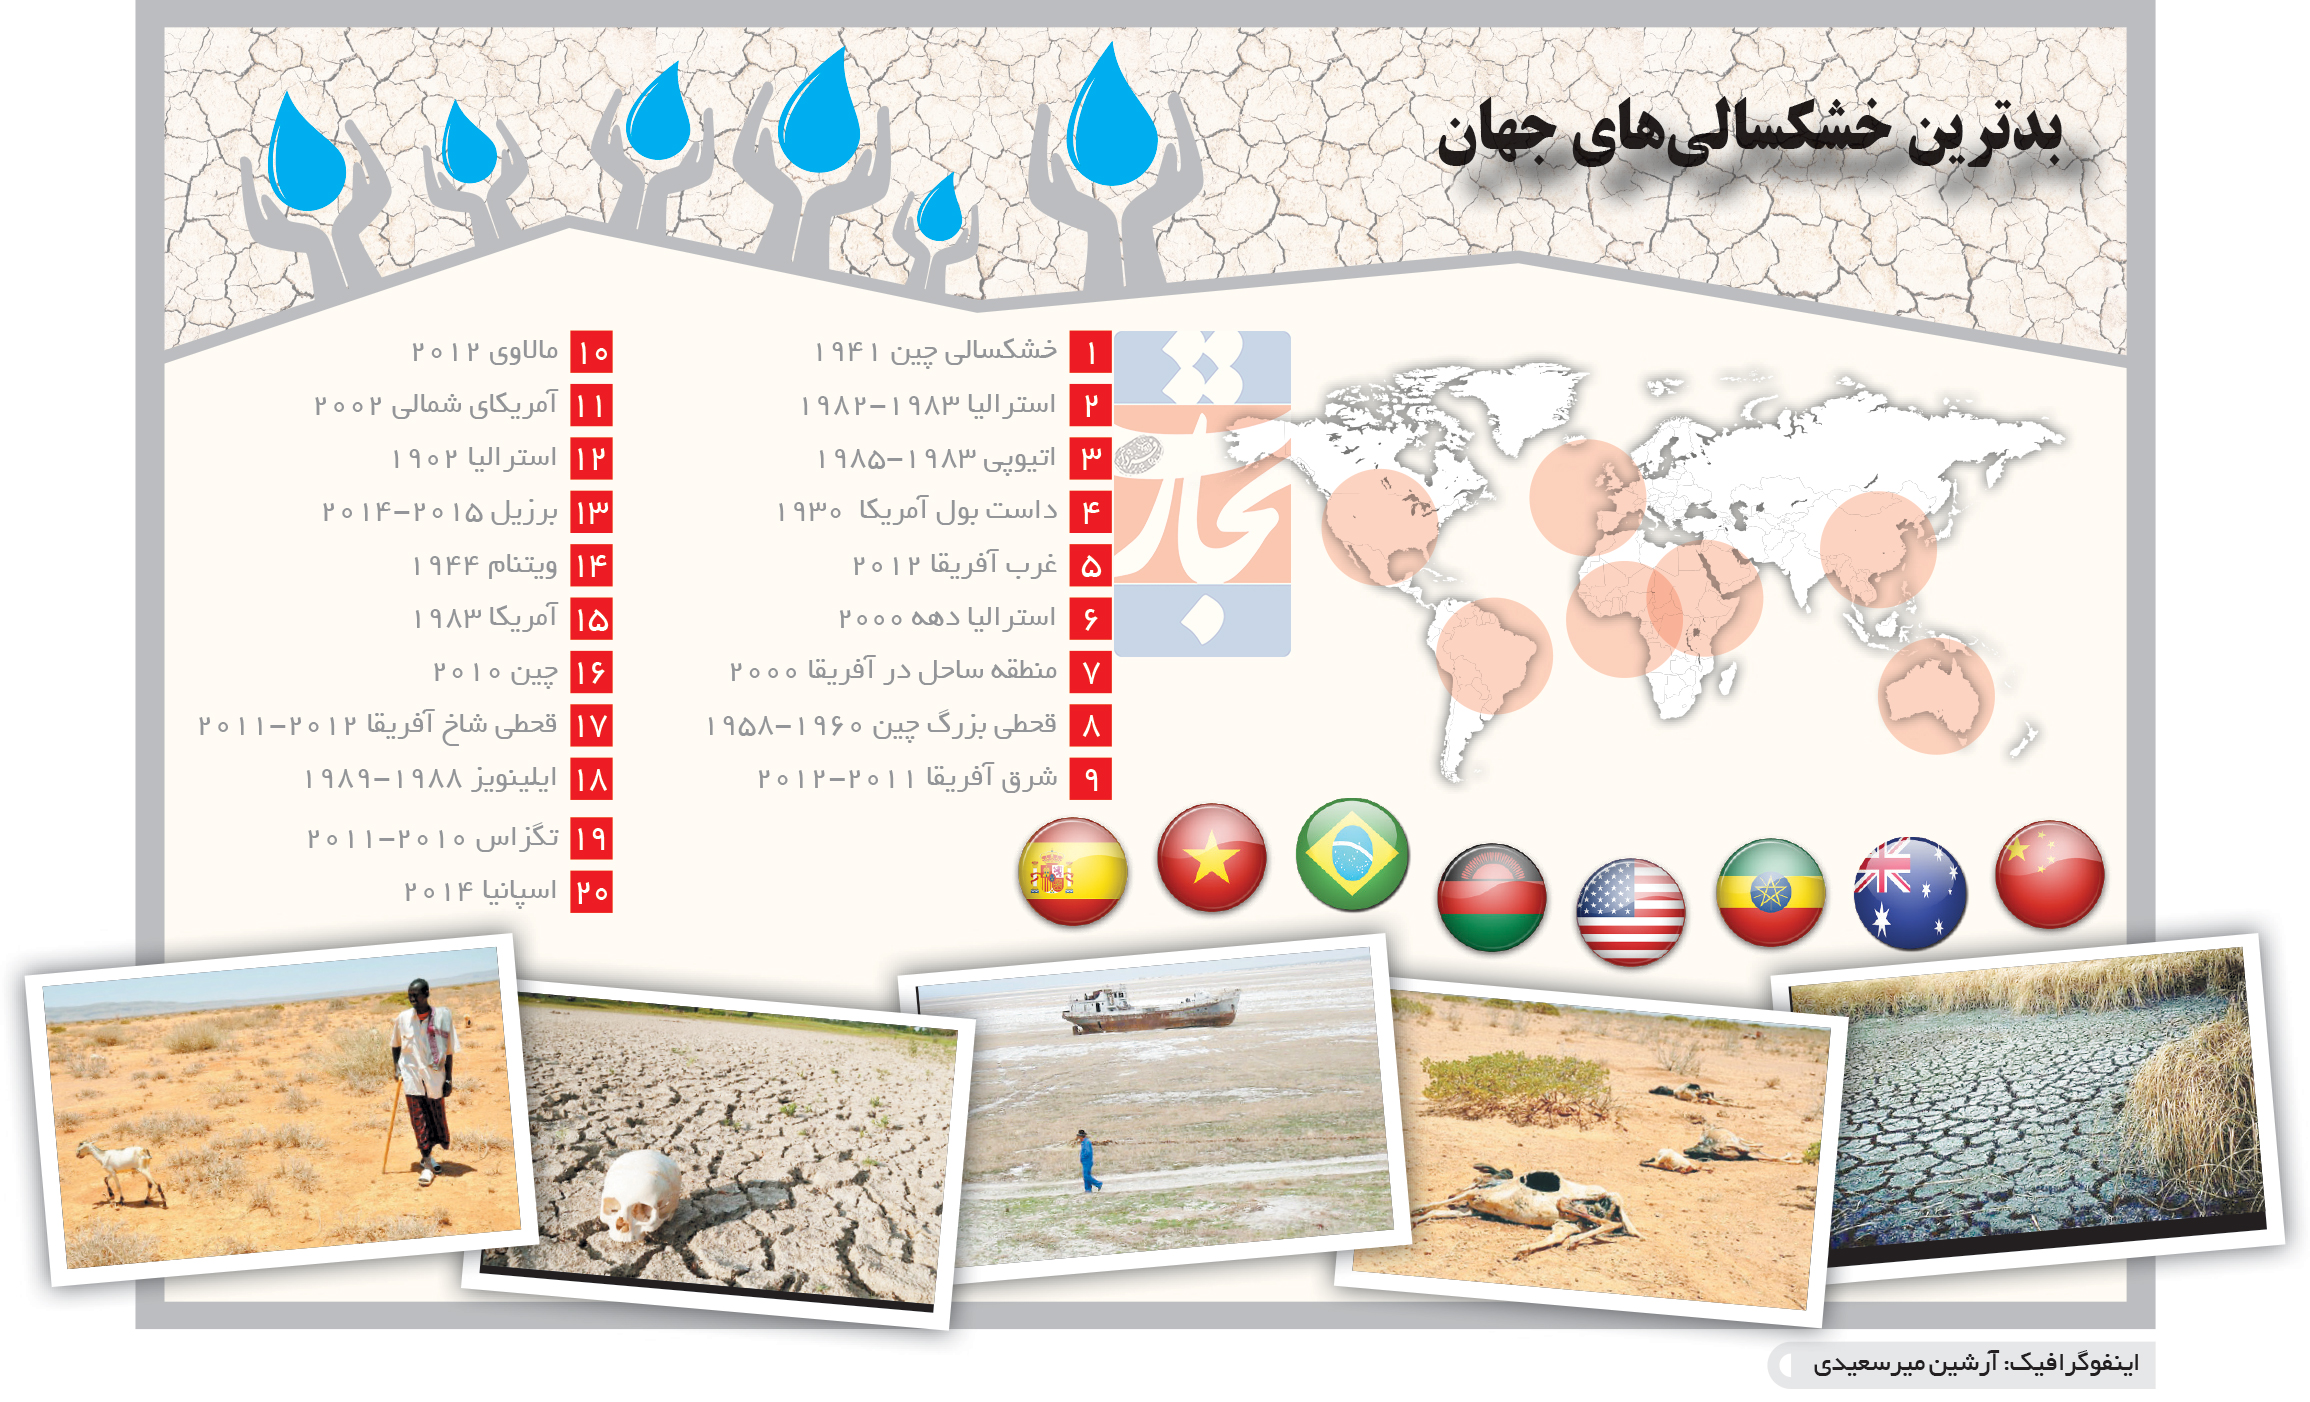 تجارت فردا- اینفوگرافیک- بدترین خشکسالیهای جهان